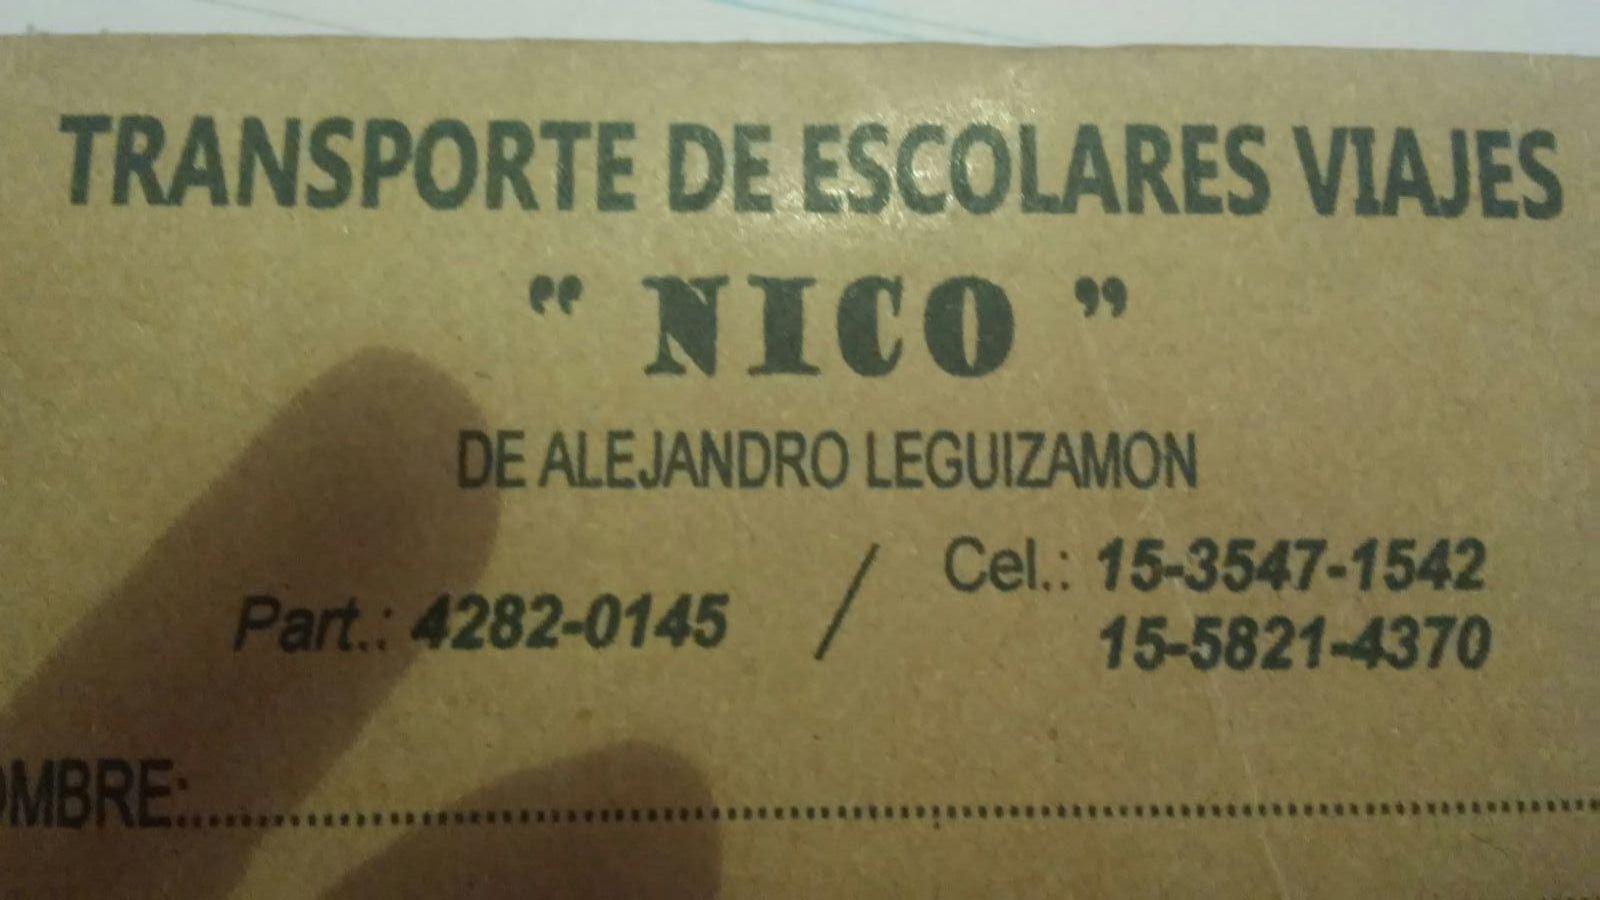 """TRANSPORTE DE ESCOLARES Y VIAJES """"NICO"""""""